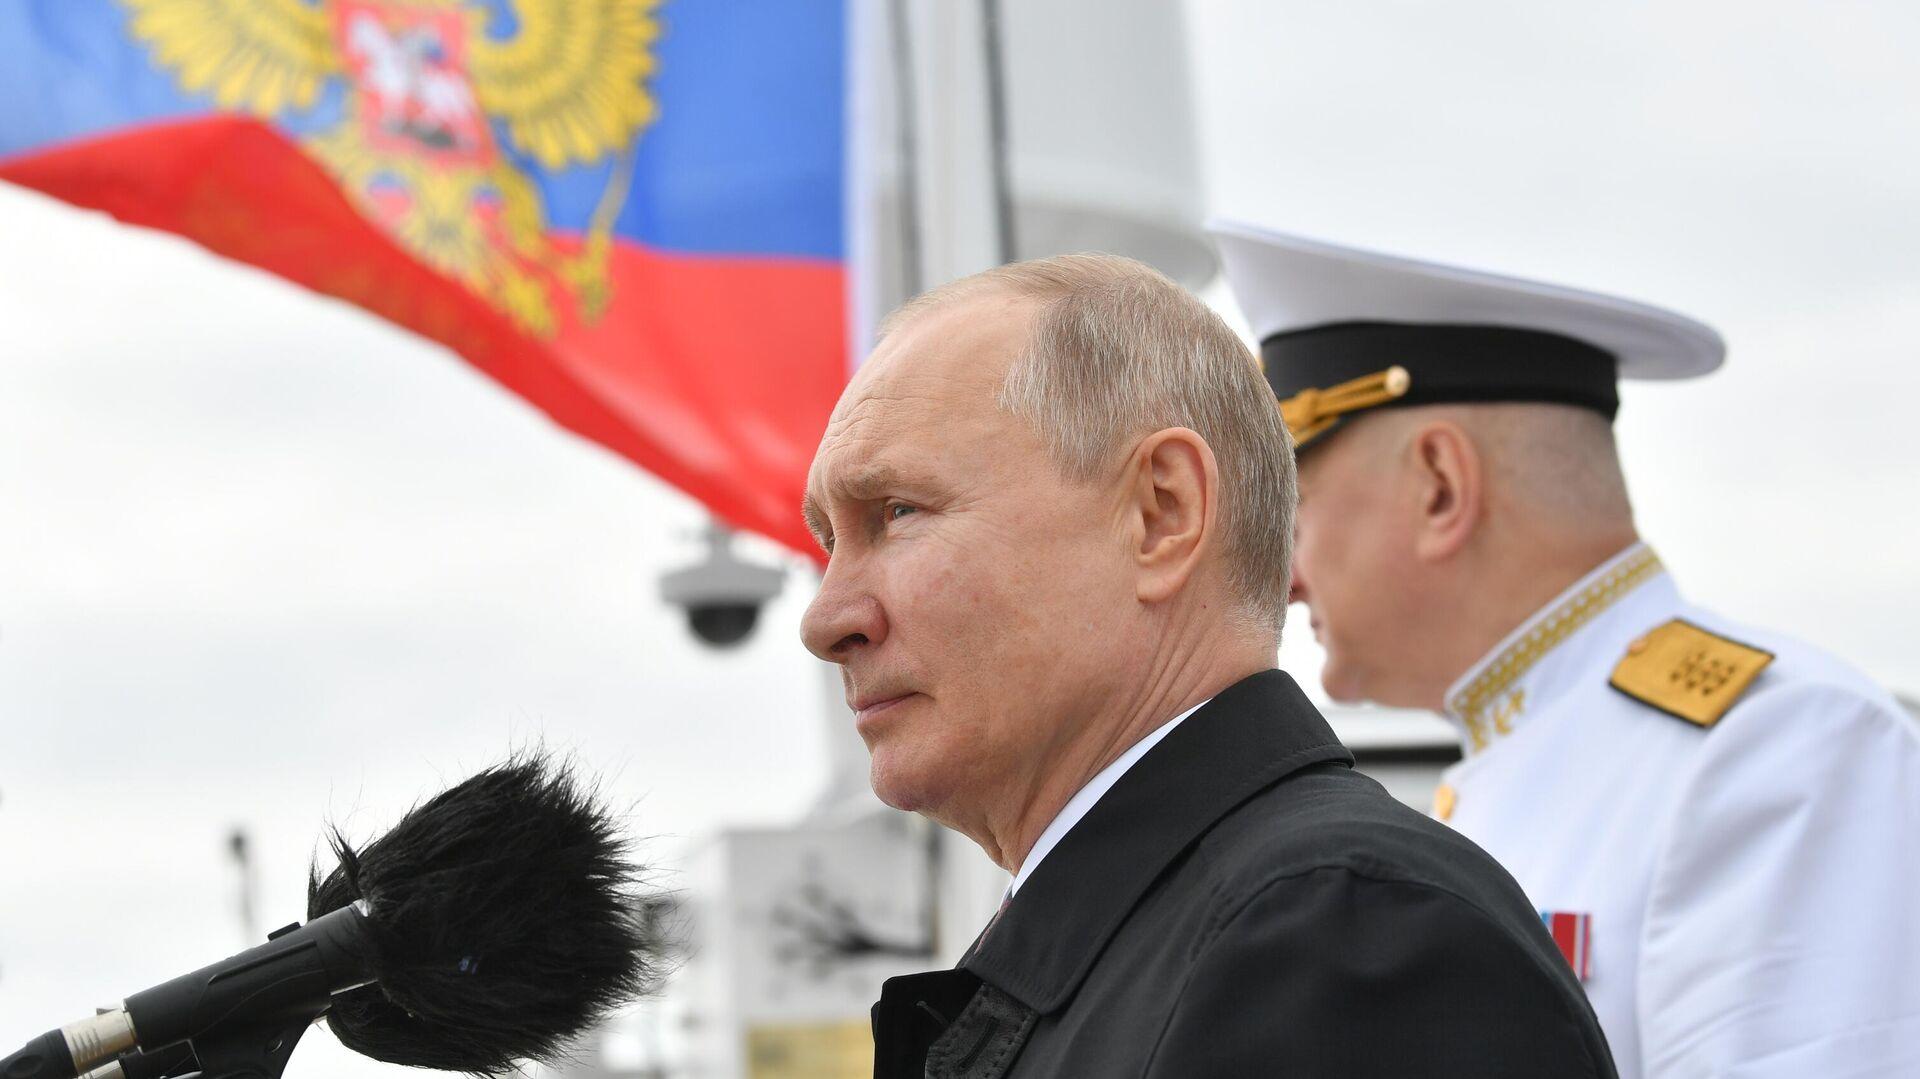 Президент РФ В. Путин принял участие в Главном военно-морском параде - Sputnik Таджикистан, 1920, 25.07.2021